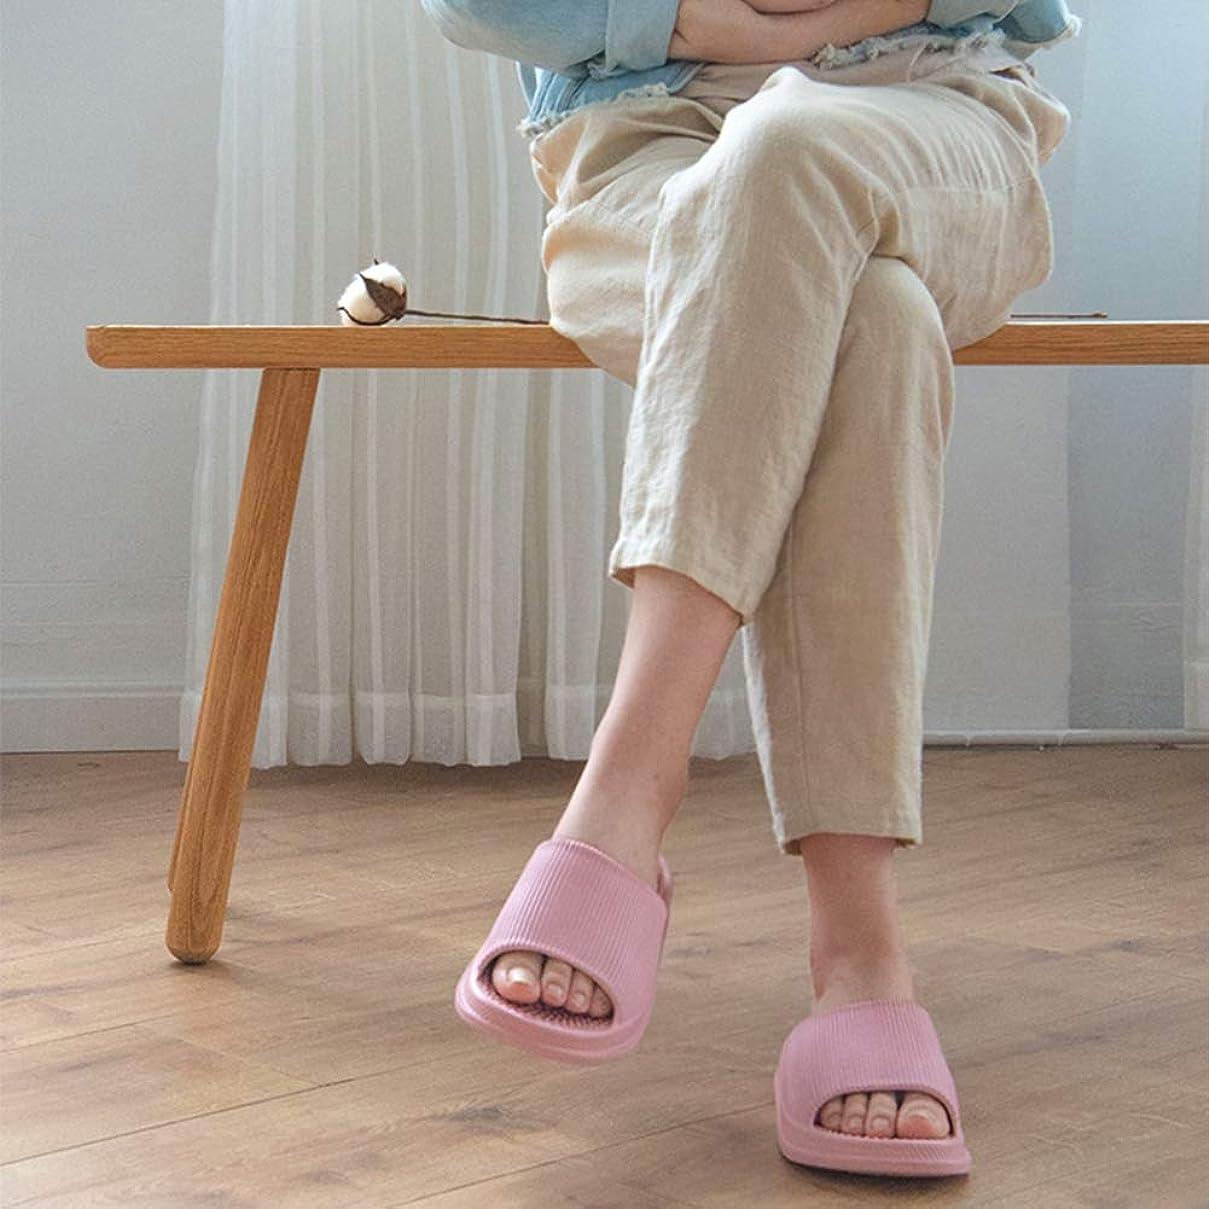 徐々に安西処方マッサージスリッパ、夏の屋内鍼治療のポイント女性浴室サンダルスリッパ厚底マッサージ消臭剤、足底筋膜炎、かかと、アーチの痛みを和らげる,L